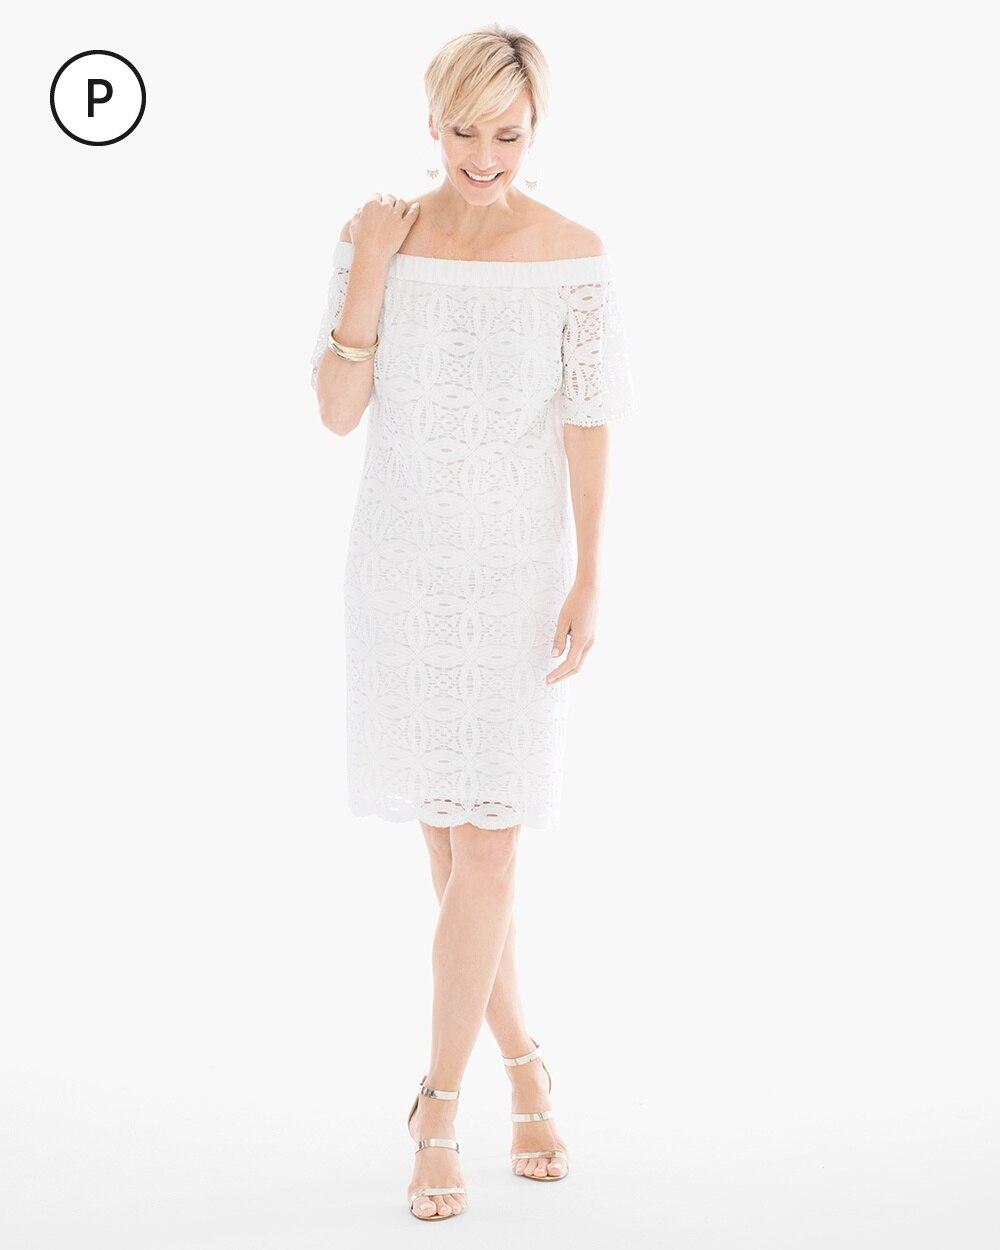 Petite Lace Off-the-Shoulder Dress